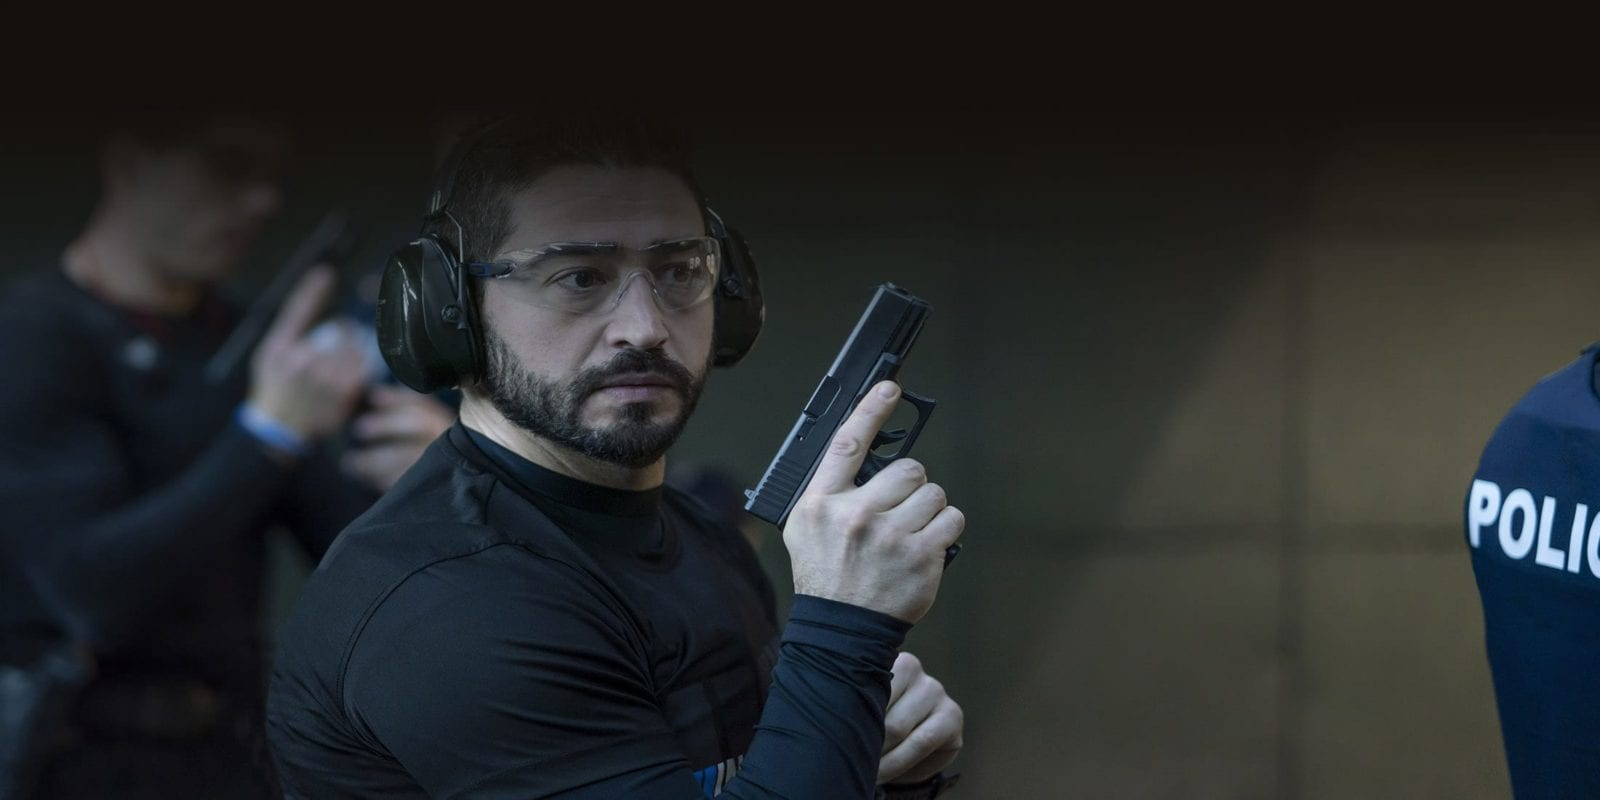 Una imatge de l'empresa Milo que té tots els números per vendre el simulador de tir als Mossos/MILO